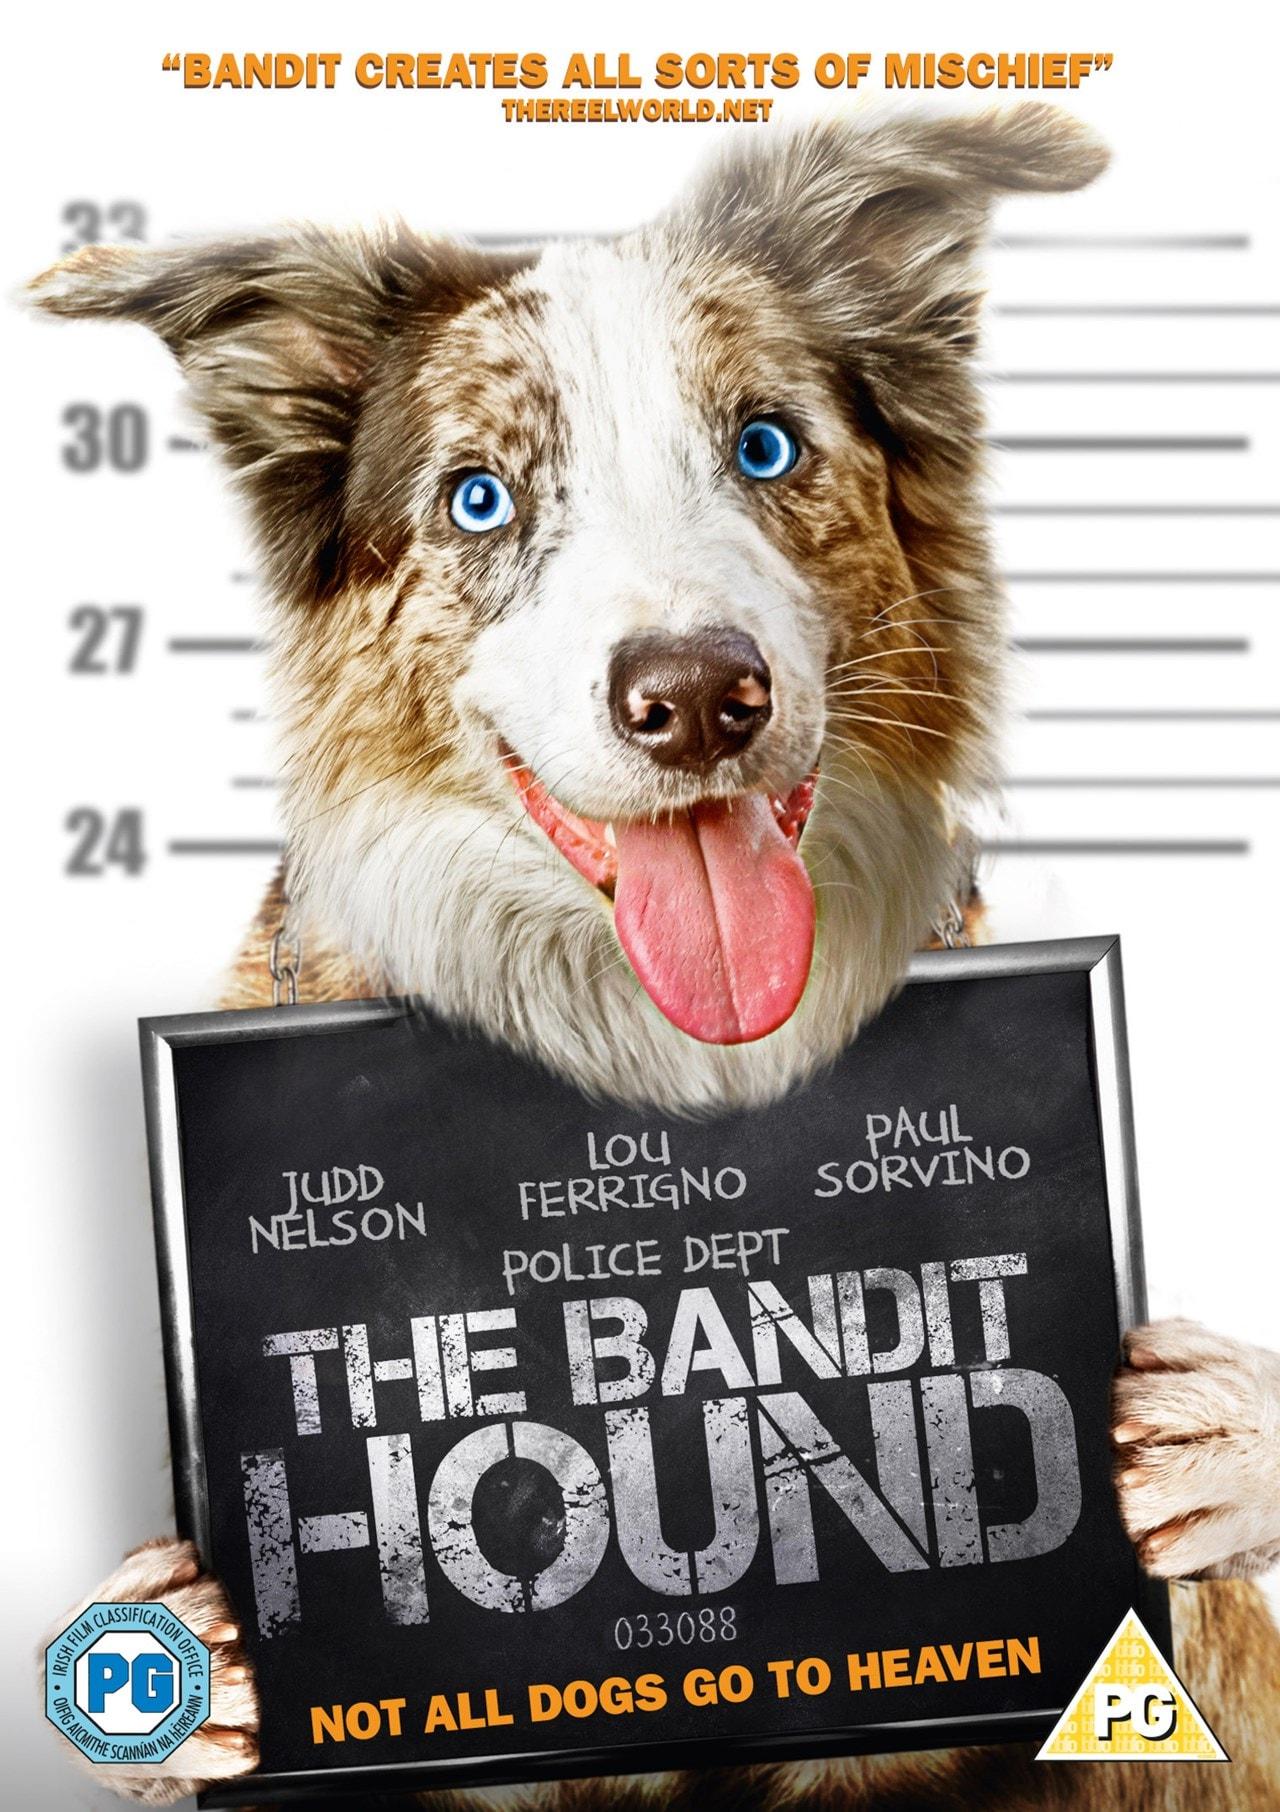 The Bandit Hound - 1